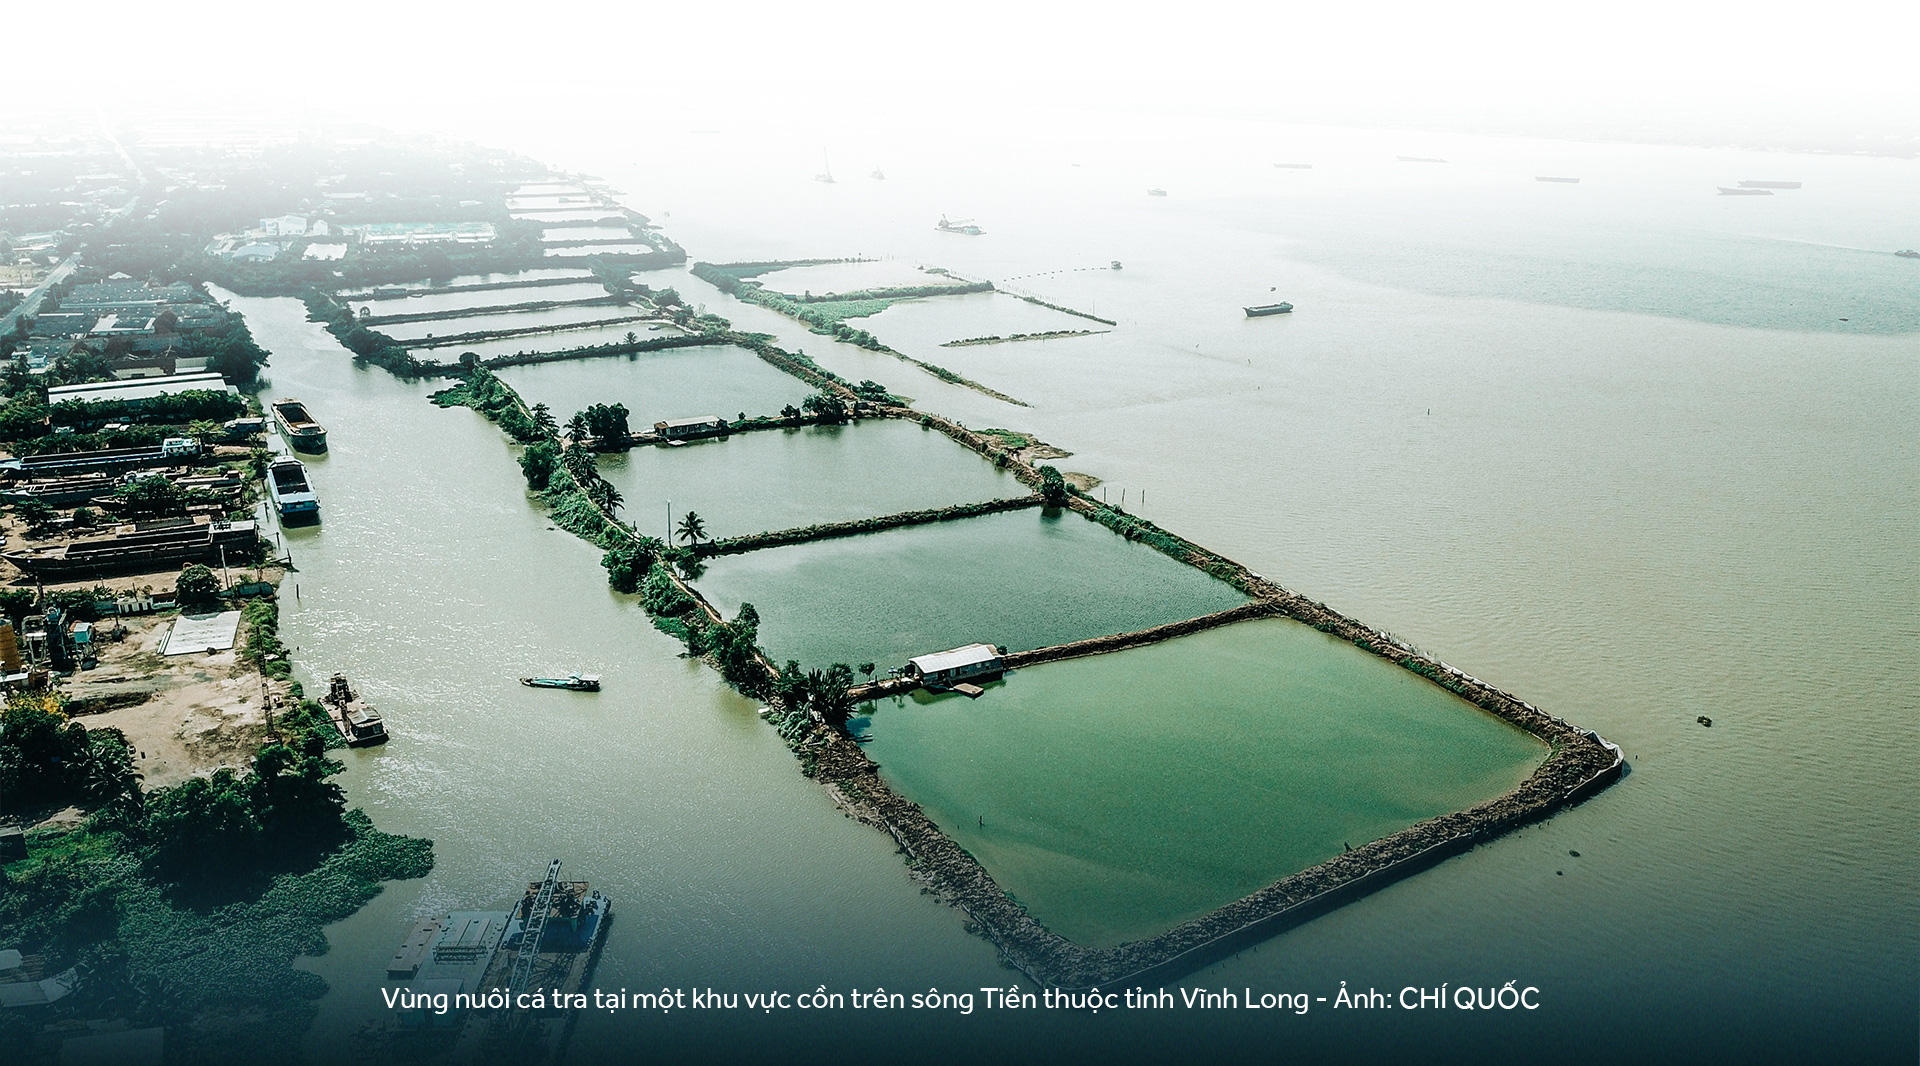 Đồng bằng sông Cửu Long: 35 năm thay da đổi thịt - Ảnh 23.